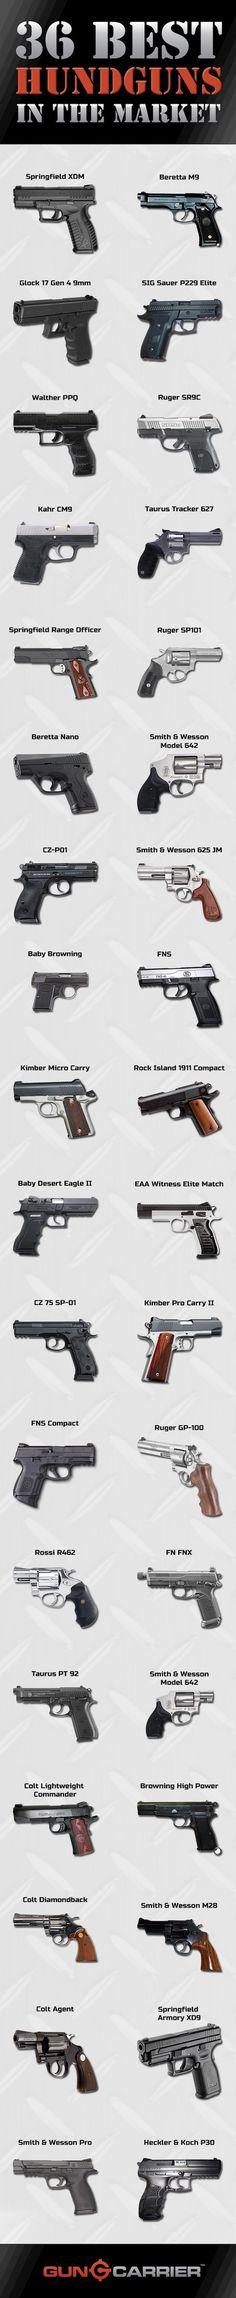 36 Best Handguns in the Market